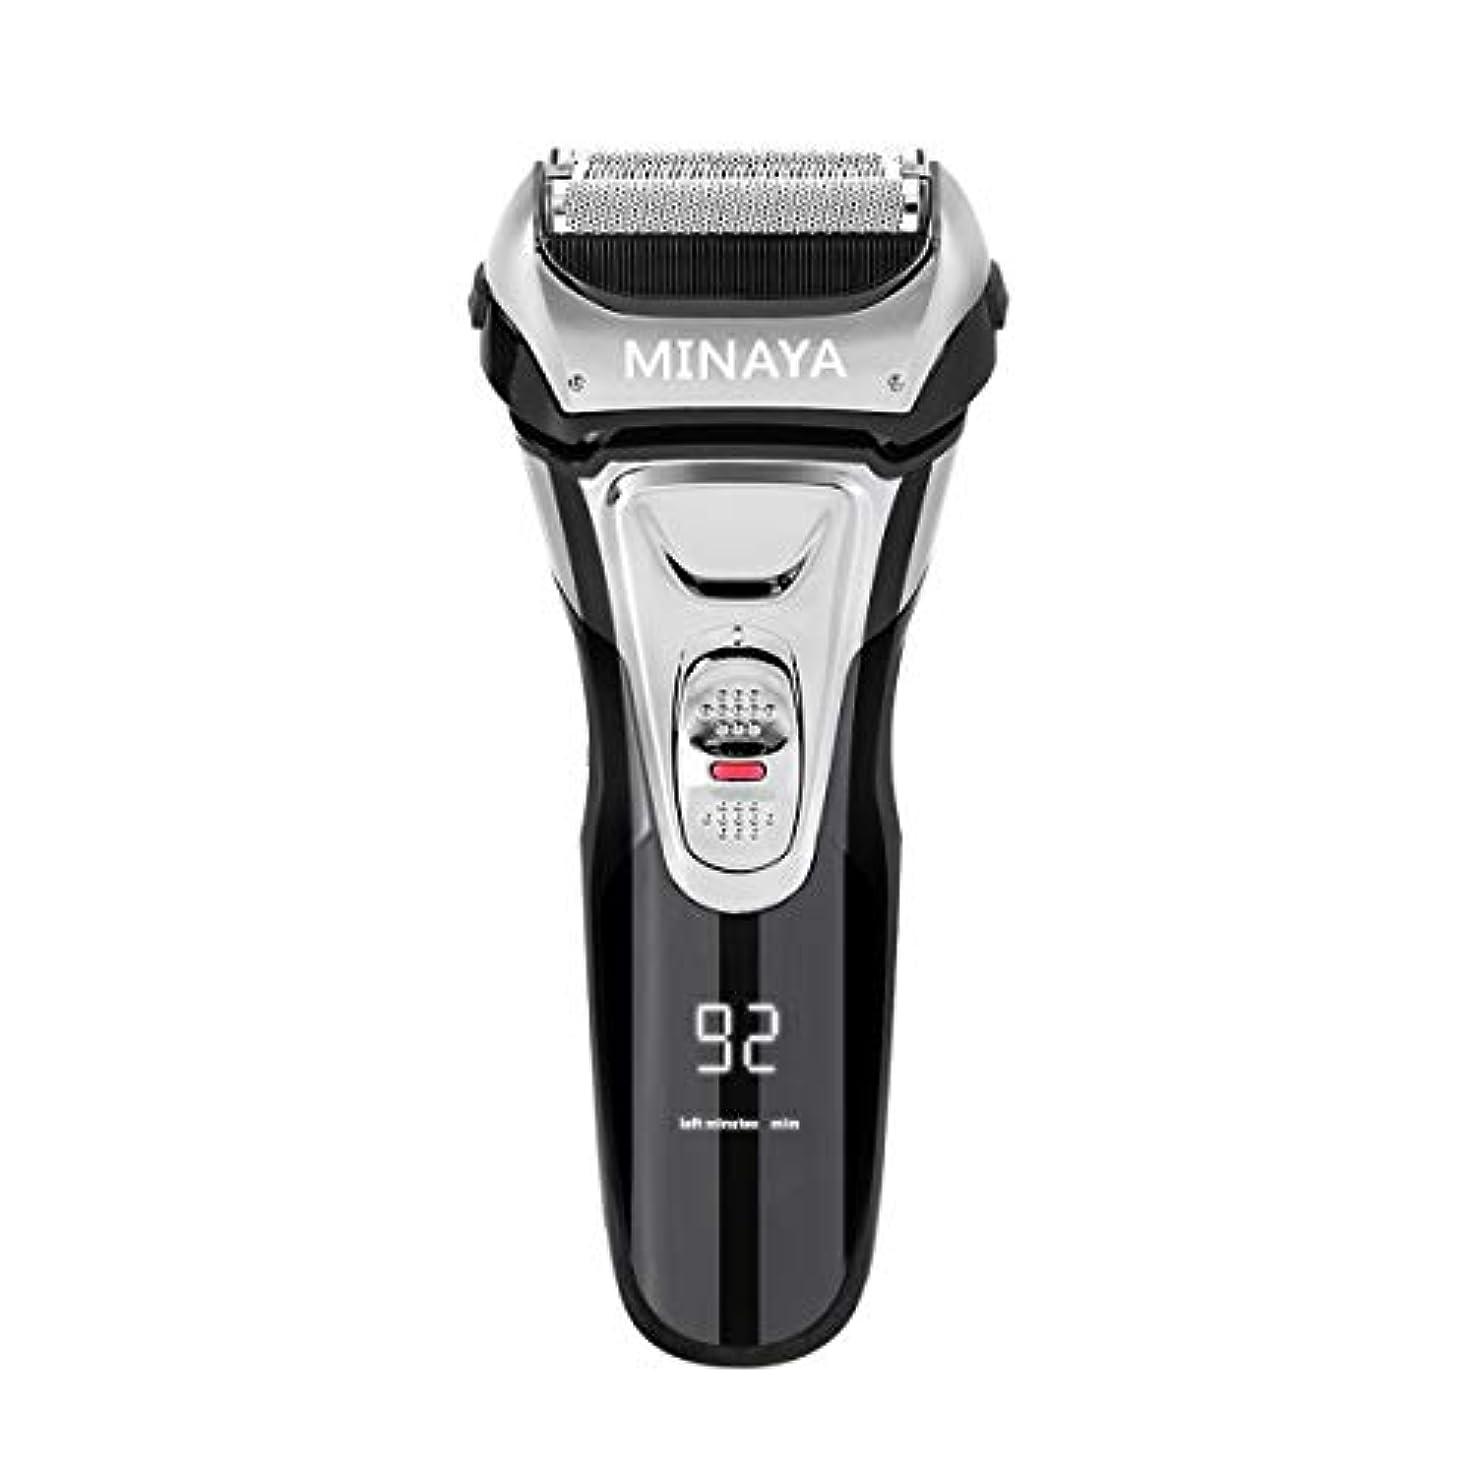 先入観プーノエラー電気シェーバー メンズ シェーバー 往復式 3枚刃 髭剃り 電動 カミソリ LEDディスプレイ USB充電式 IPX7防水 水洗い/お風呂剃り対応